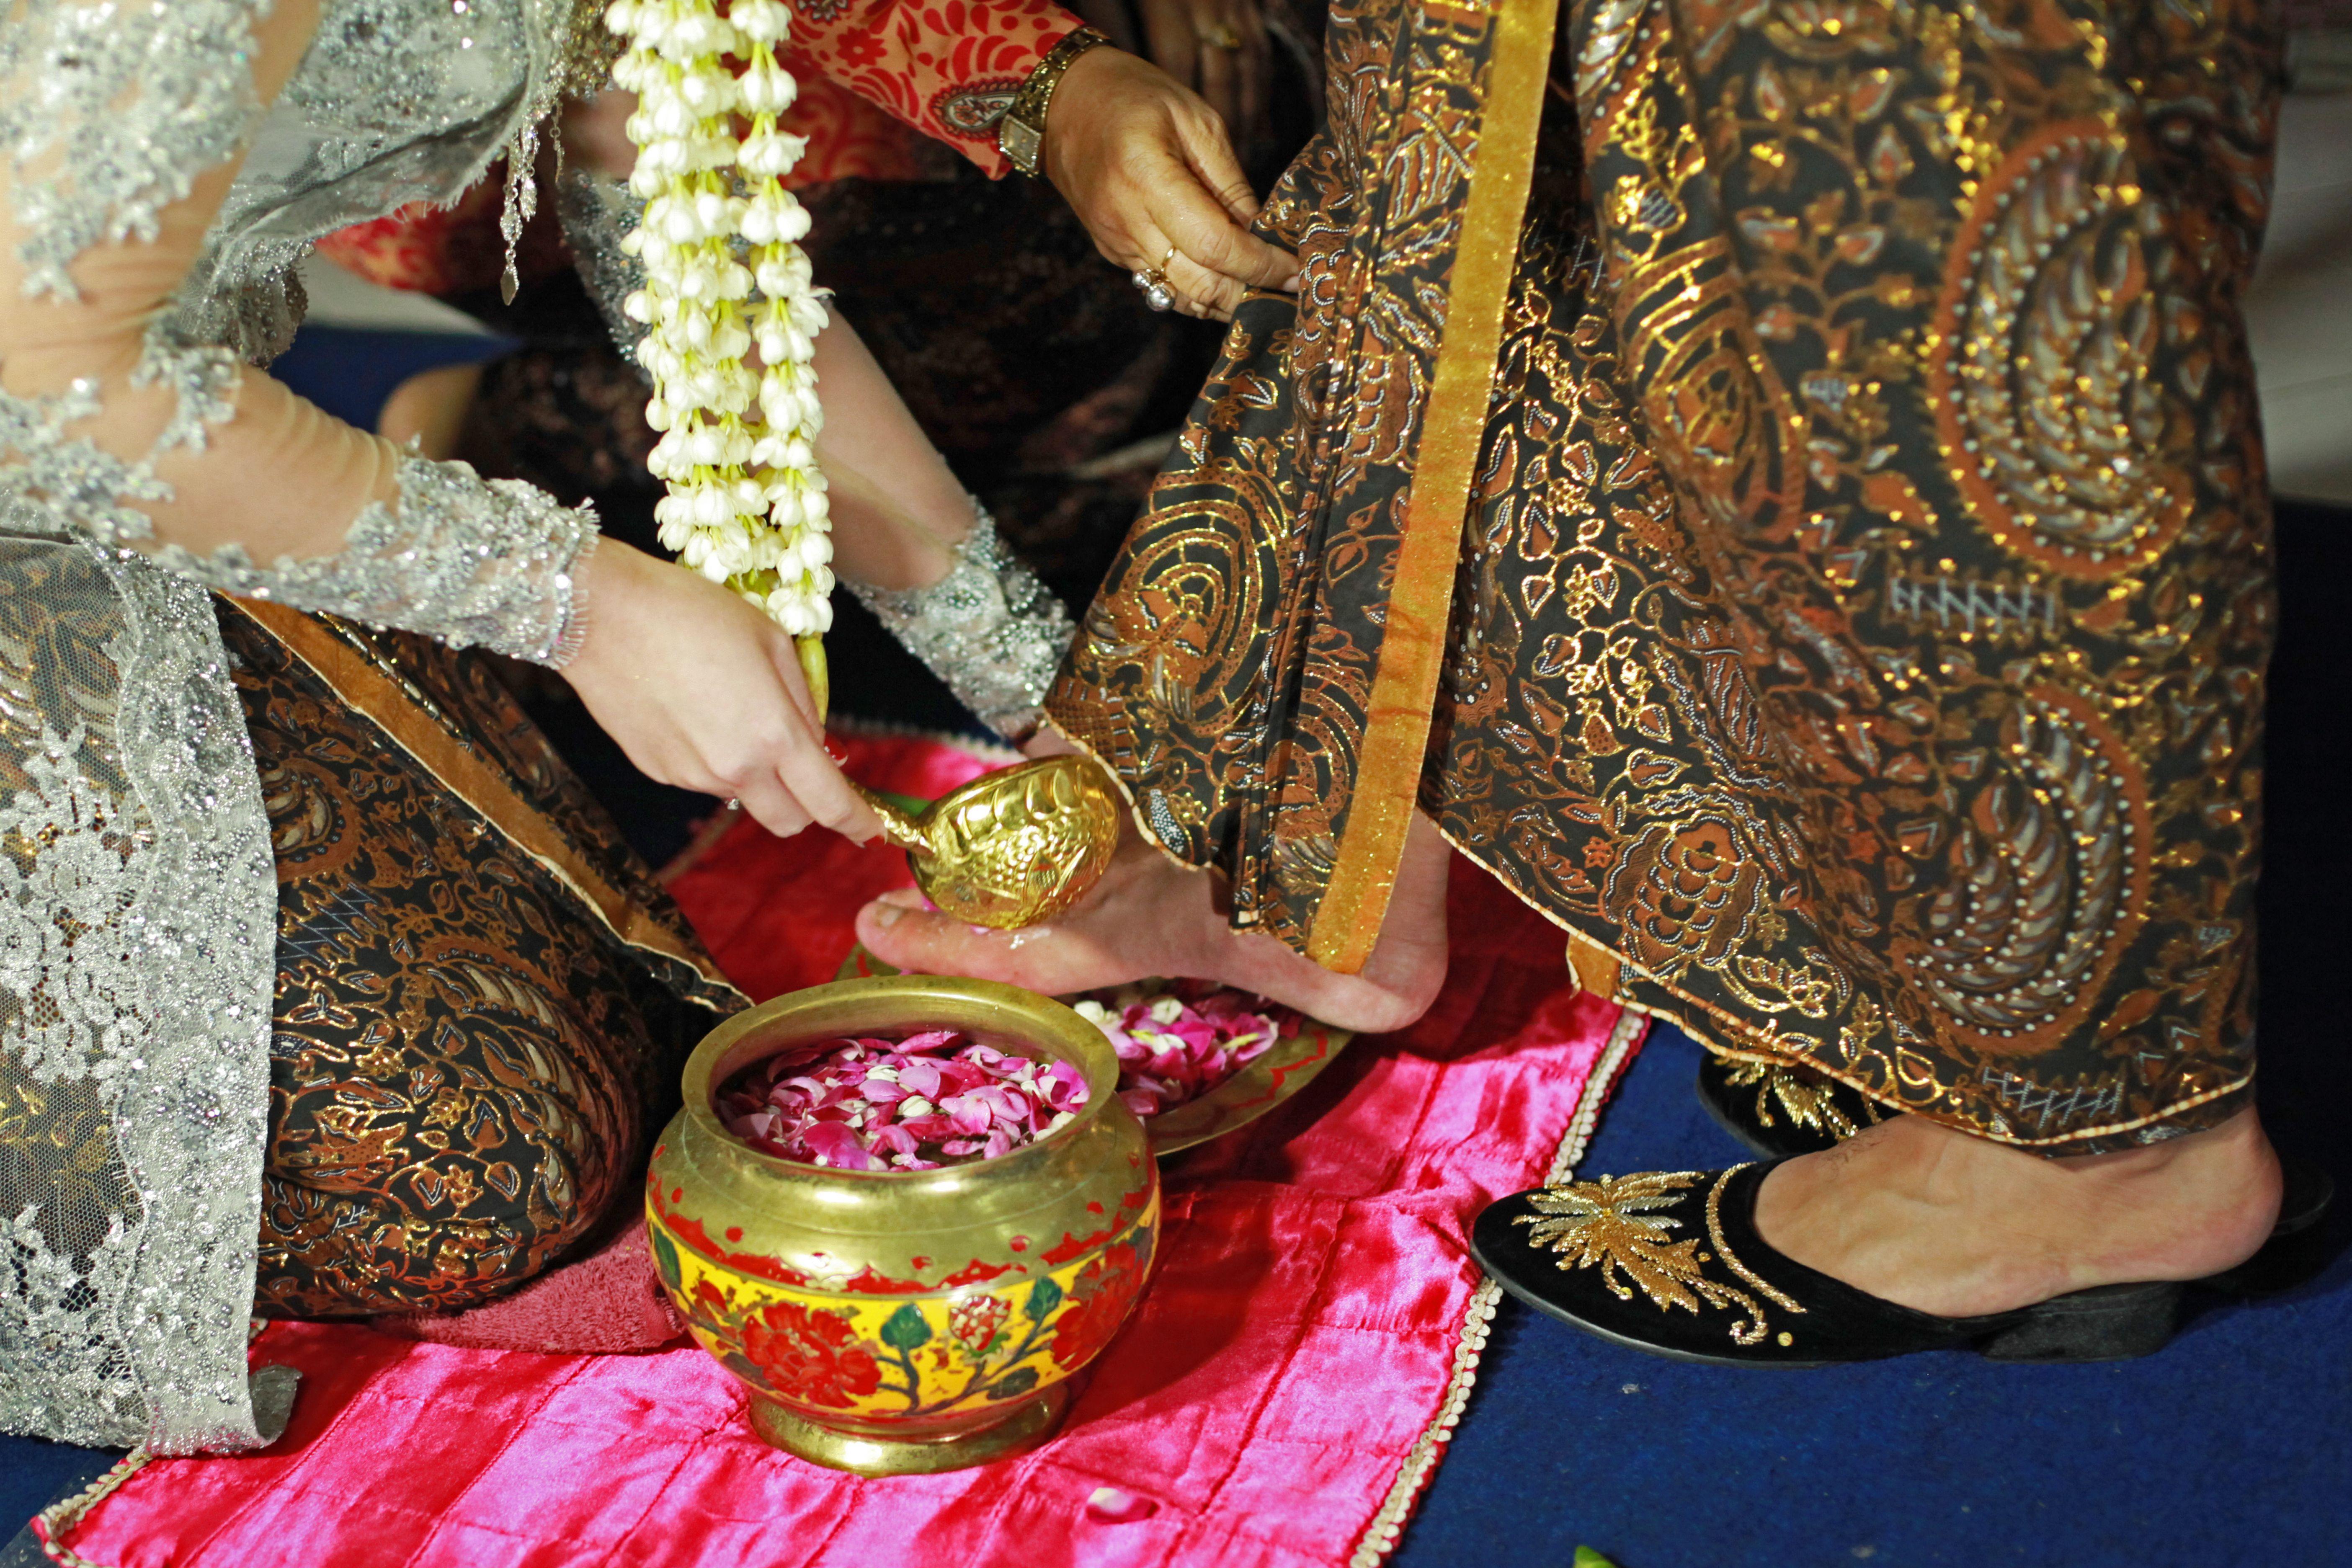 Checklist Foto Pernikahan: Momen Bersama Pasangan Image 20